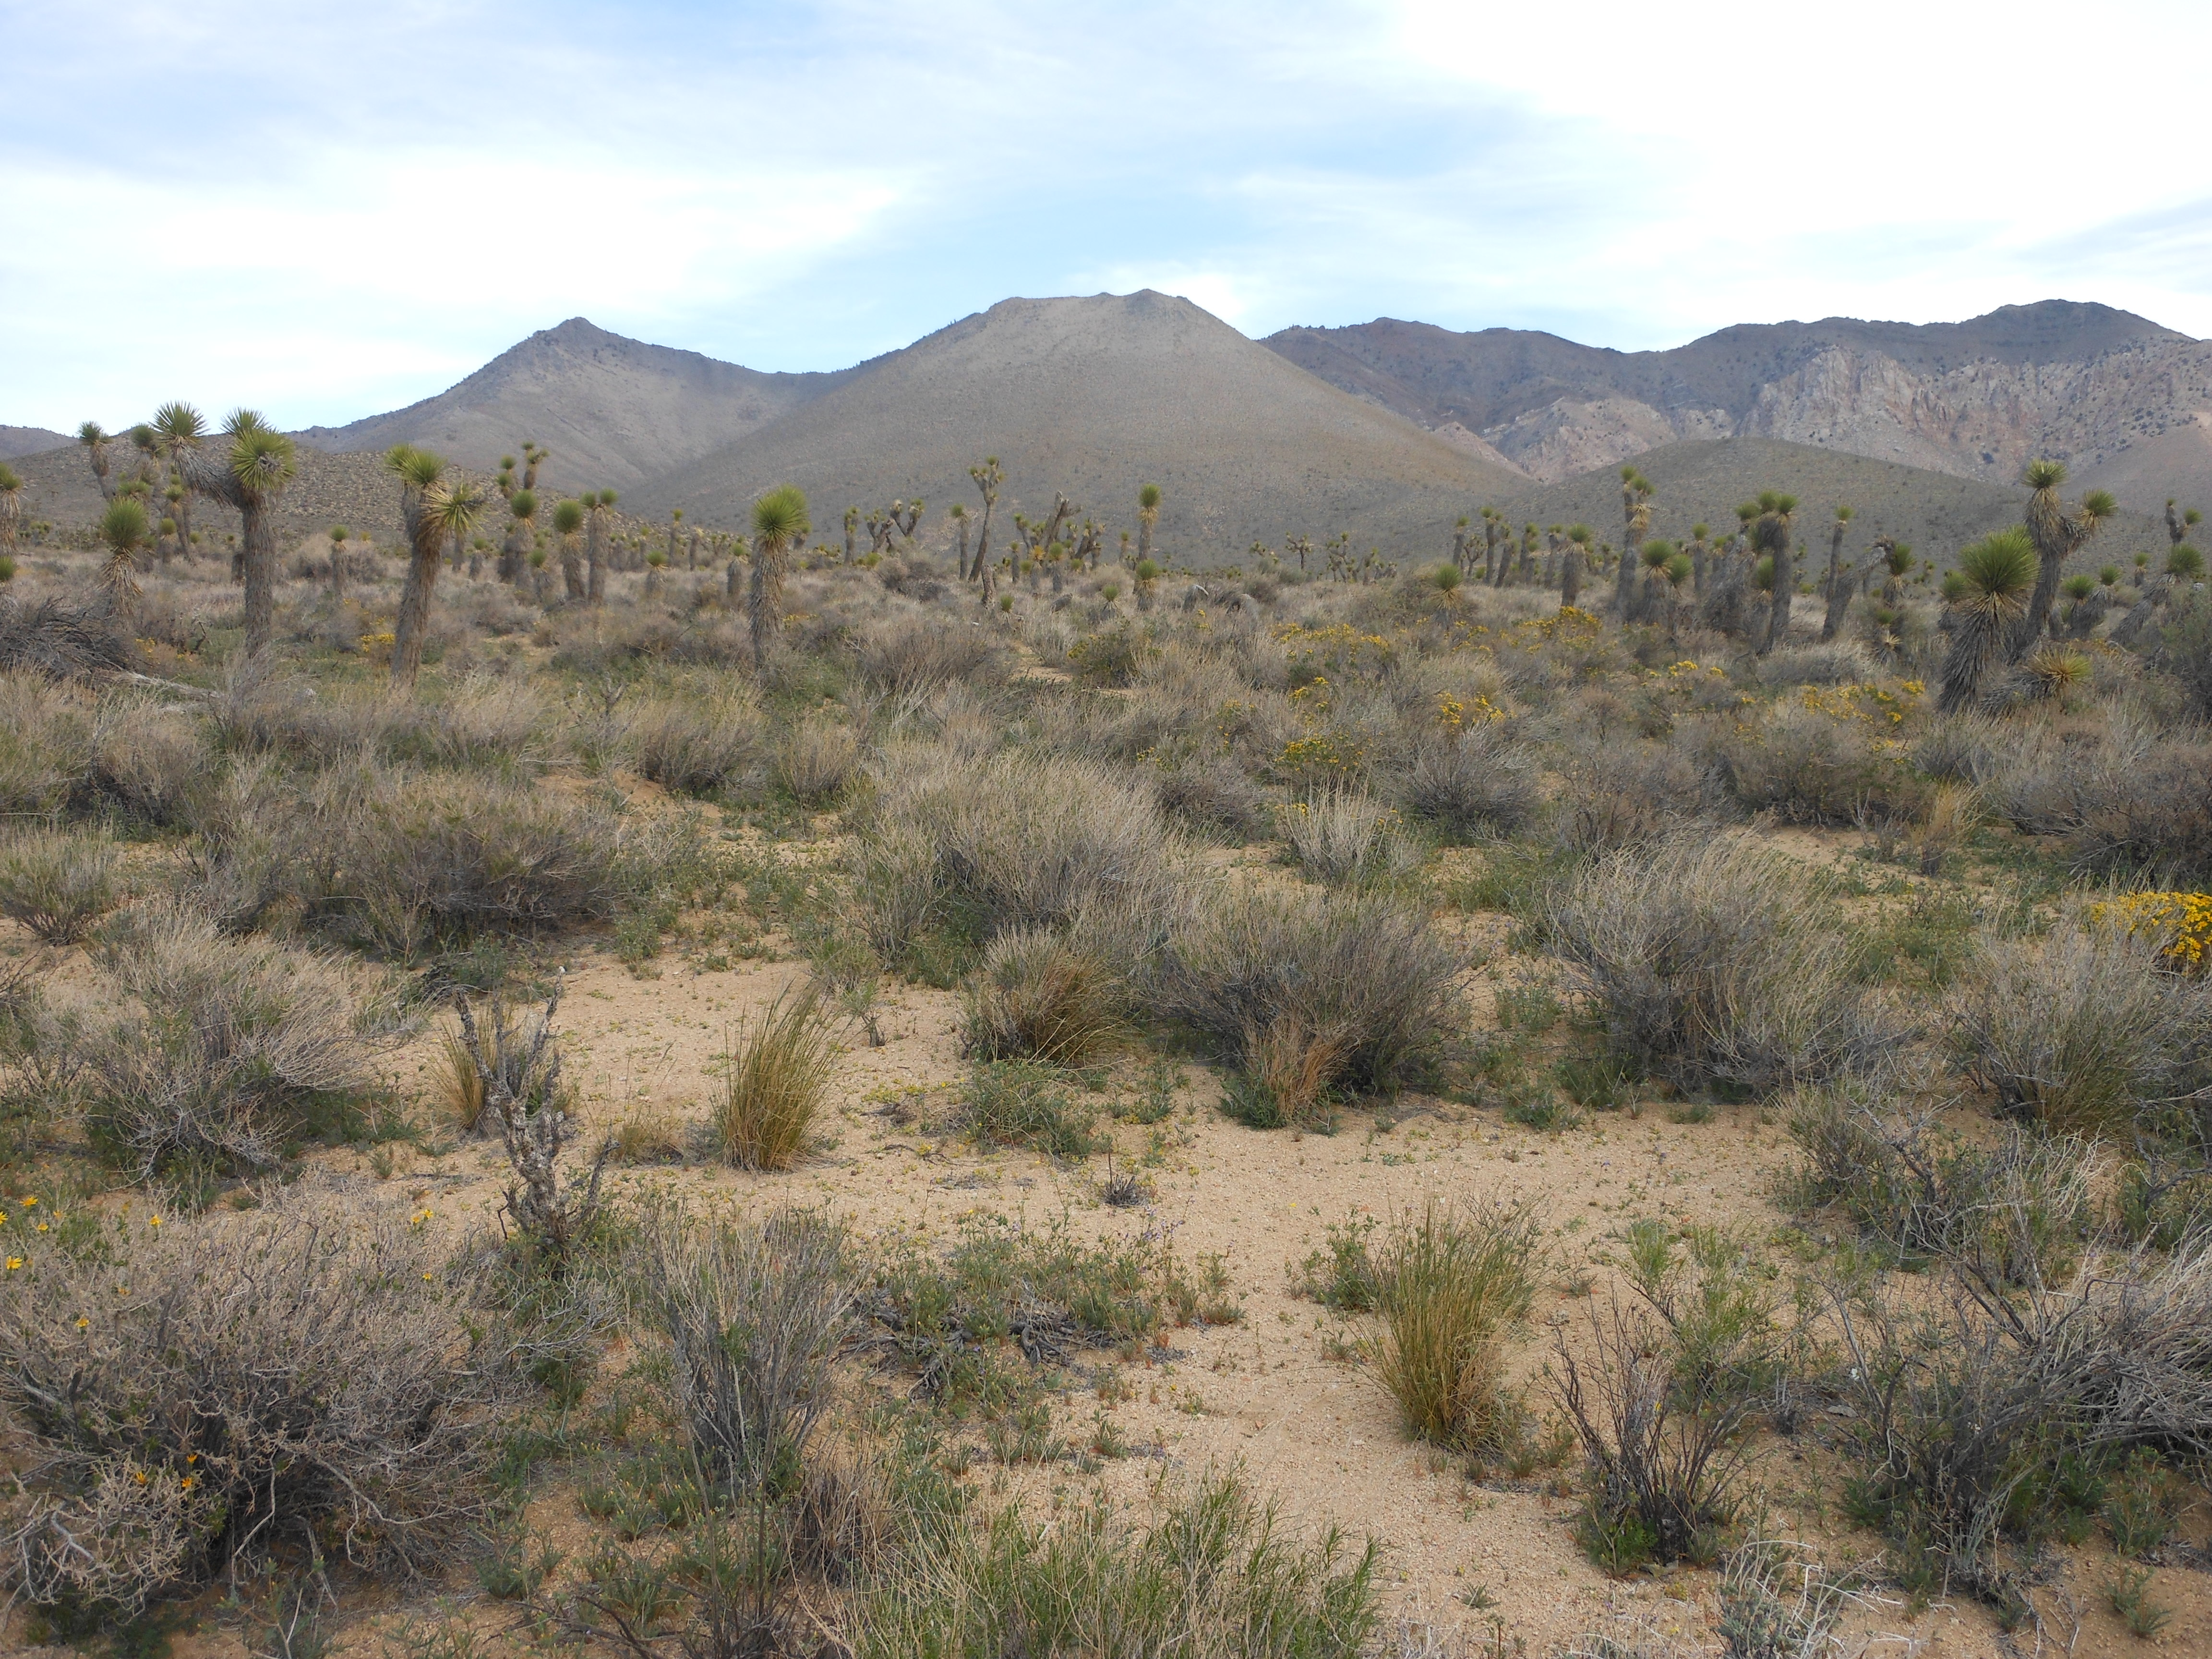 Owens Peak Wilderness